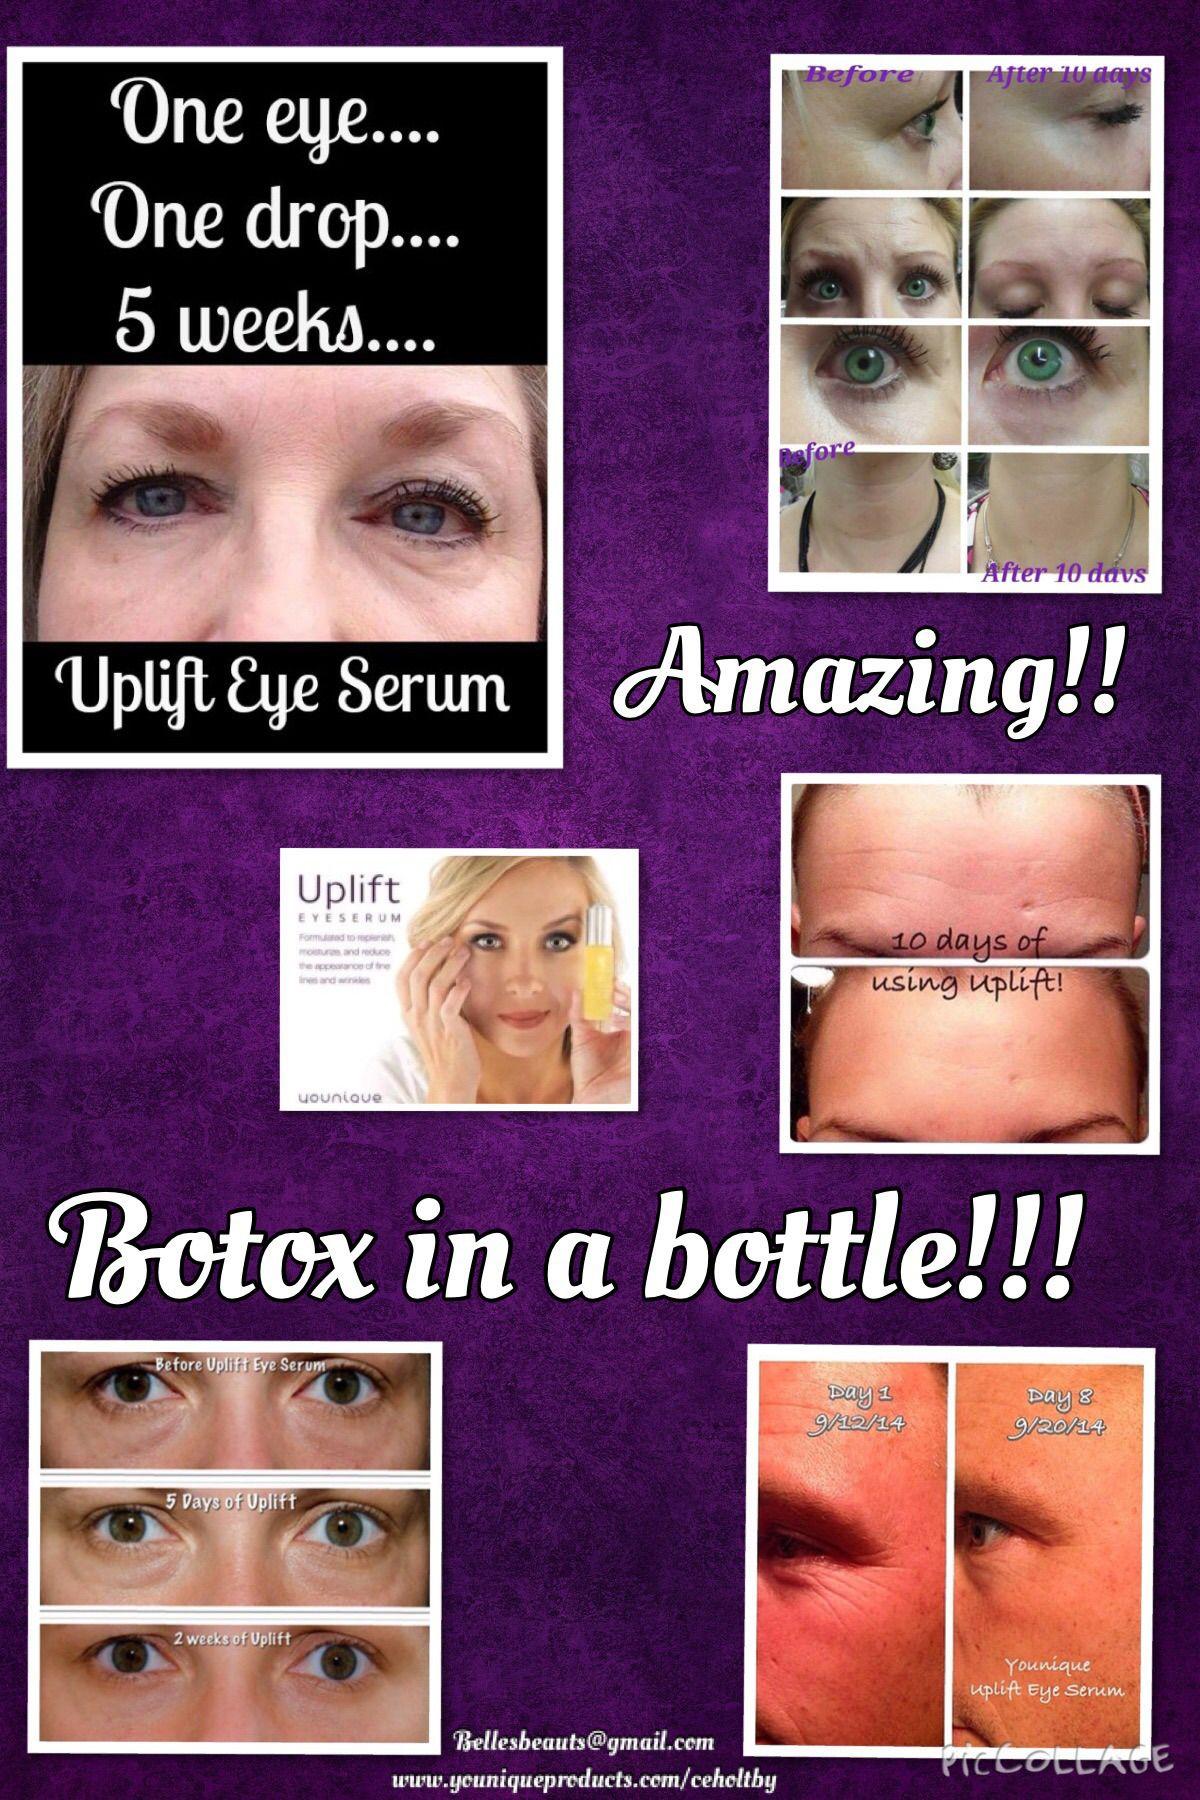 Uplift eye serum younique uplifteyeserum at http